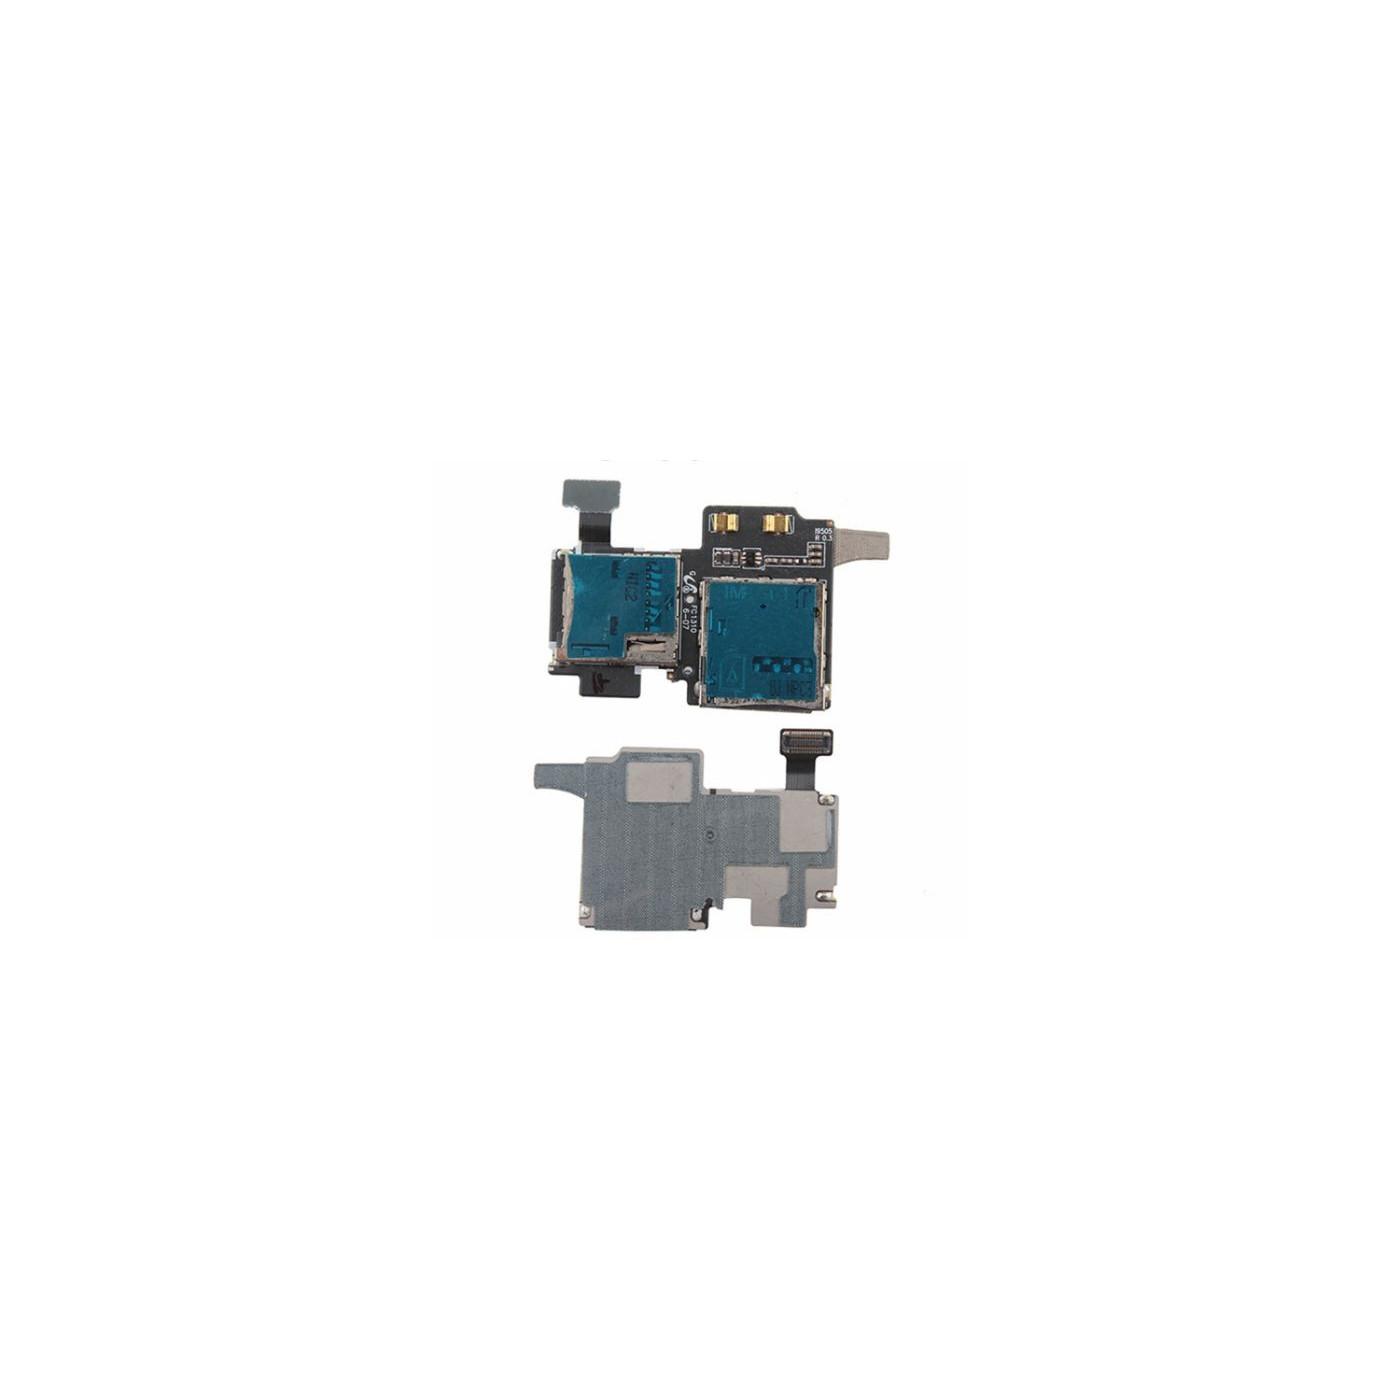 Flex tarjeta de lector de tarjeta SIM y ranura micro sd para samsung galaxy s4 gt-i9505